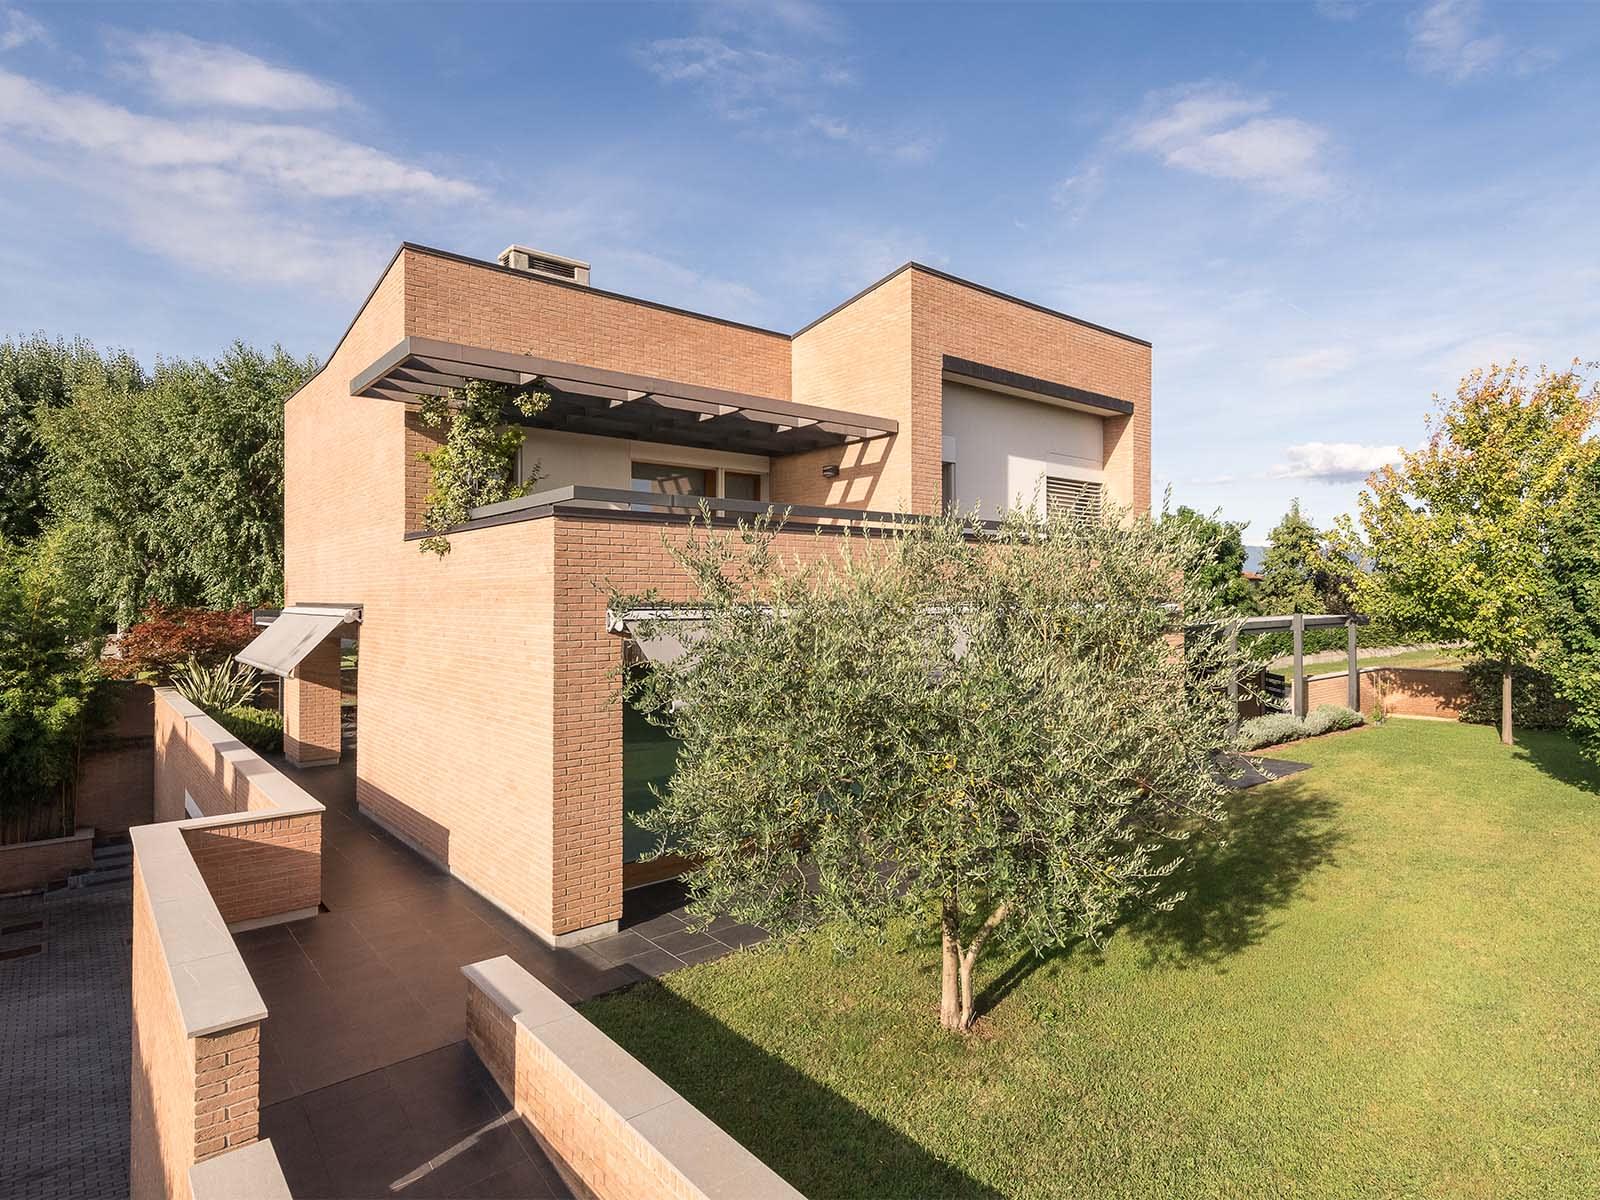 l'architettura sostenibile contribuisce a ridurre i consumi energetici